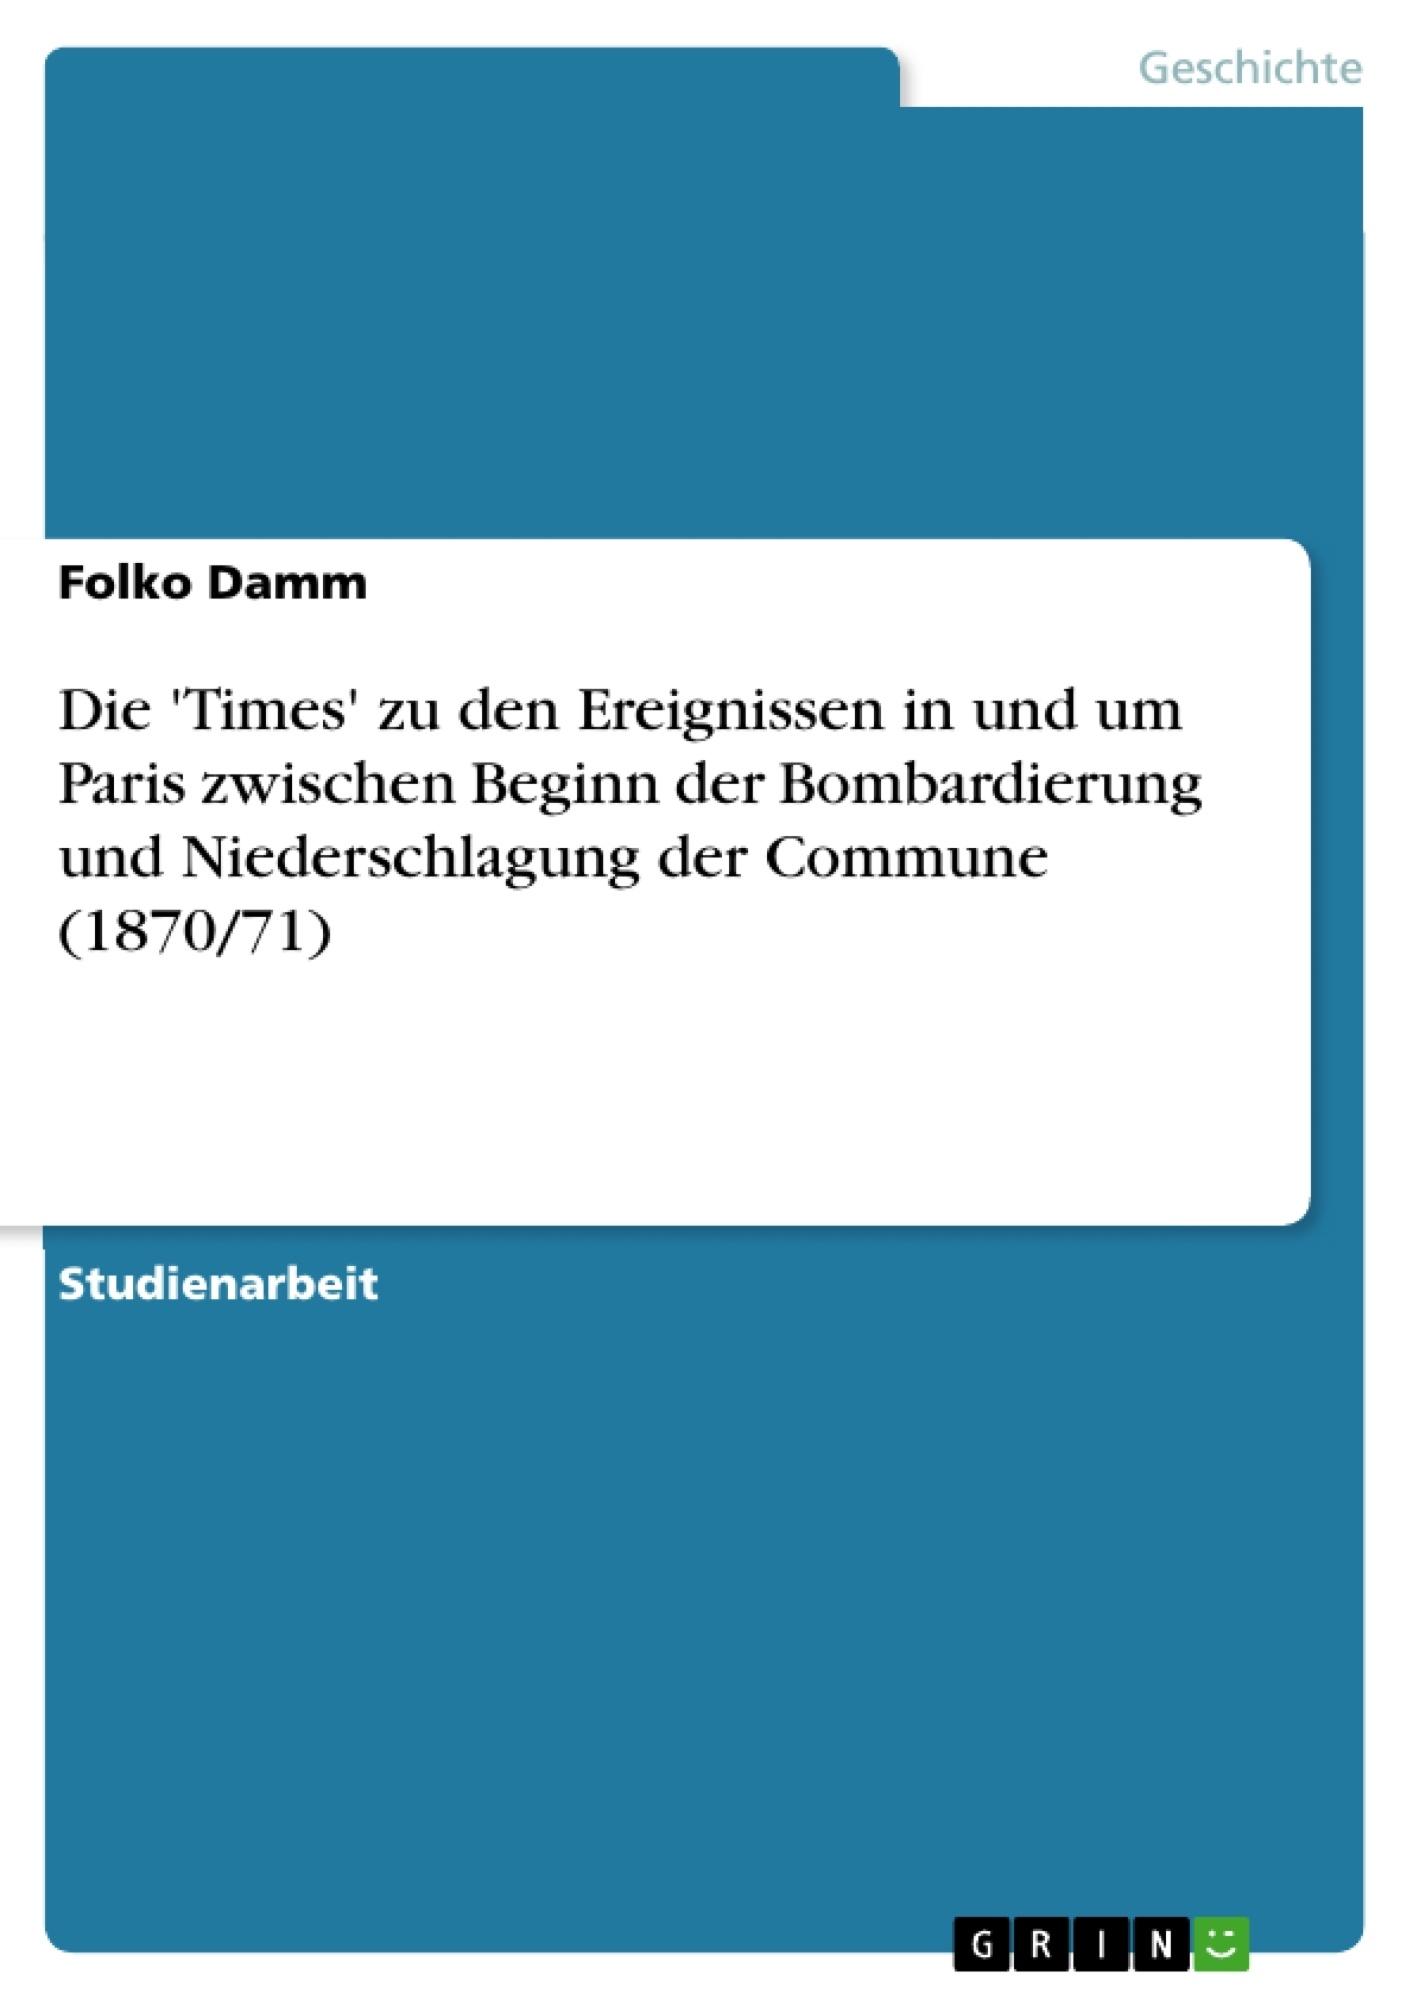 Titel: Die 'Times' zu den Ereignissen in und um Paris zwischen Beginn der Bombardierung und Niederschlagung der Commune (1870/71)